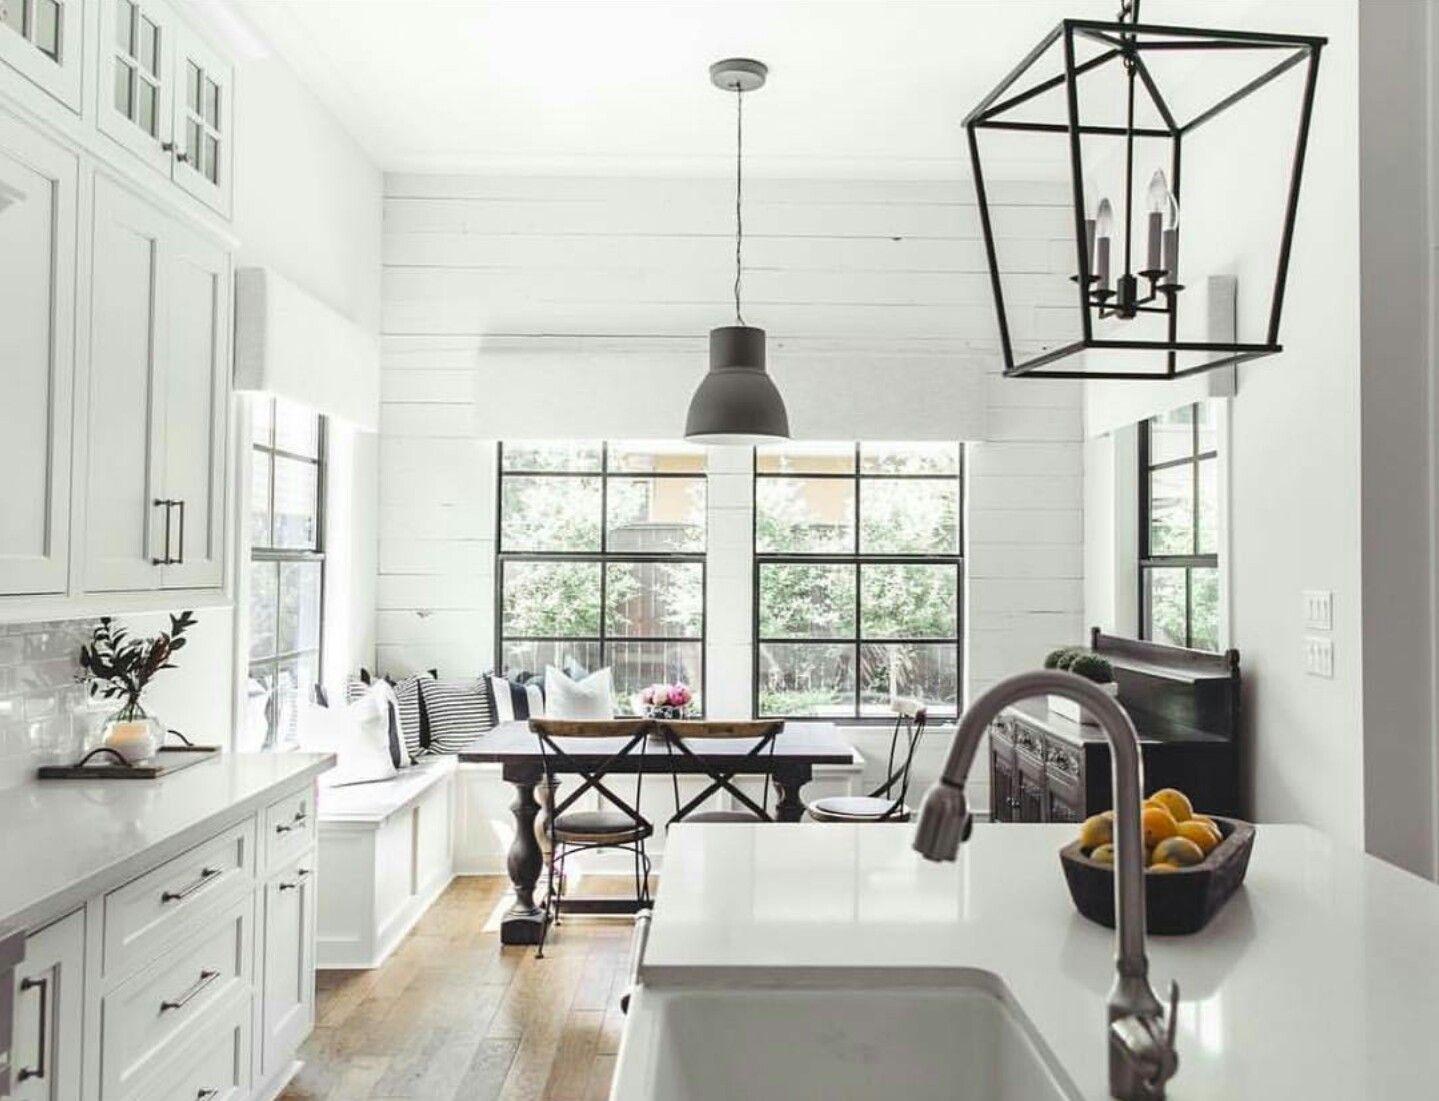 Beckiowens | Kitchens | Pinterest | Arbeitszimmer und Küche